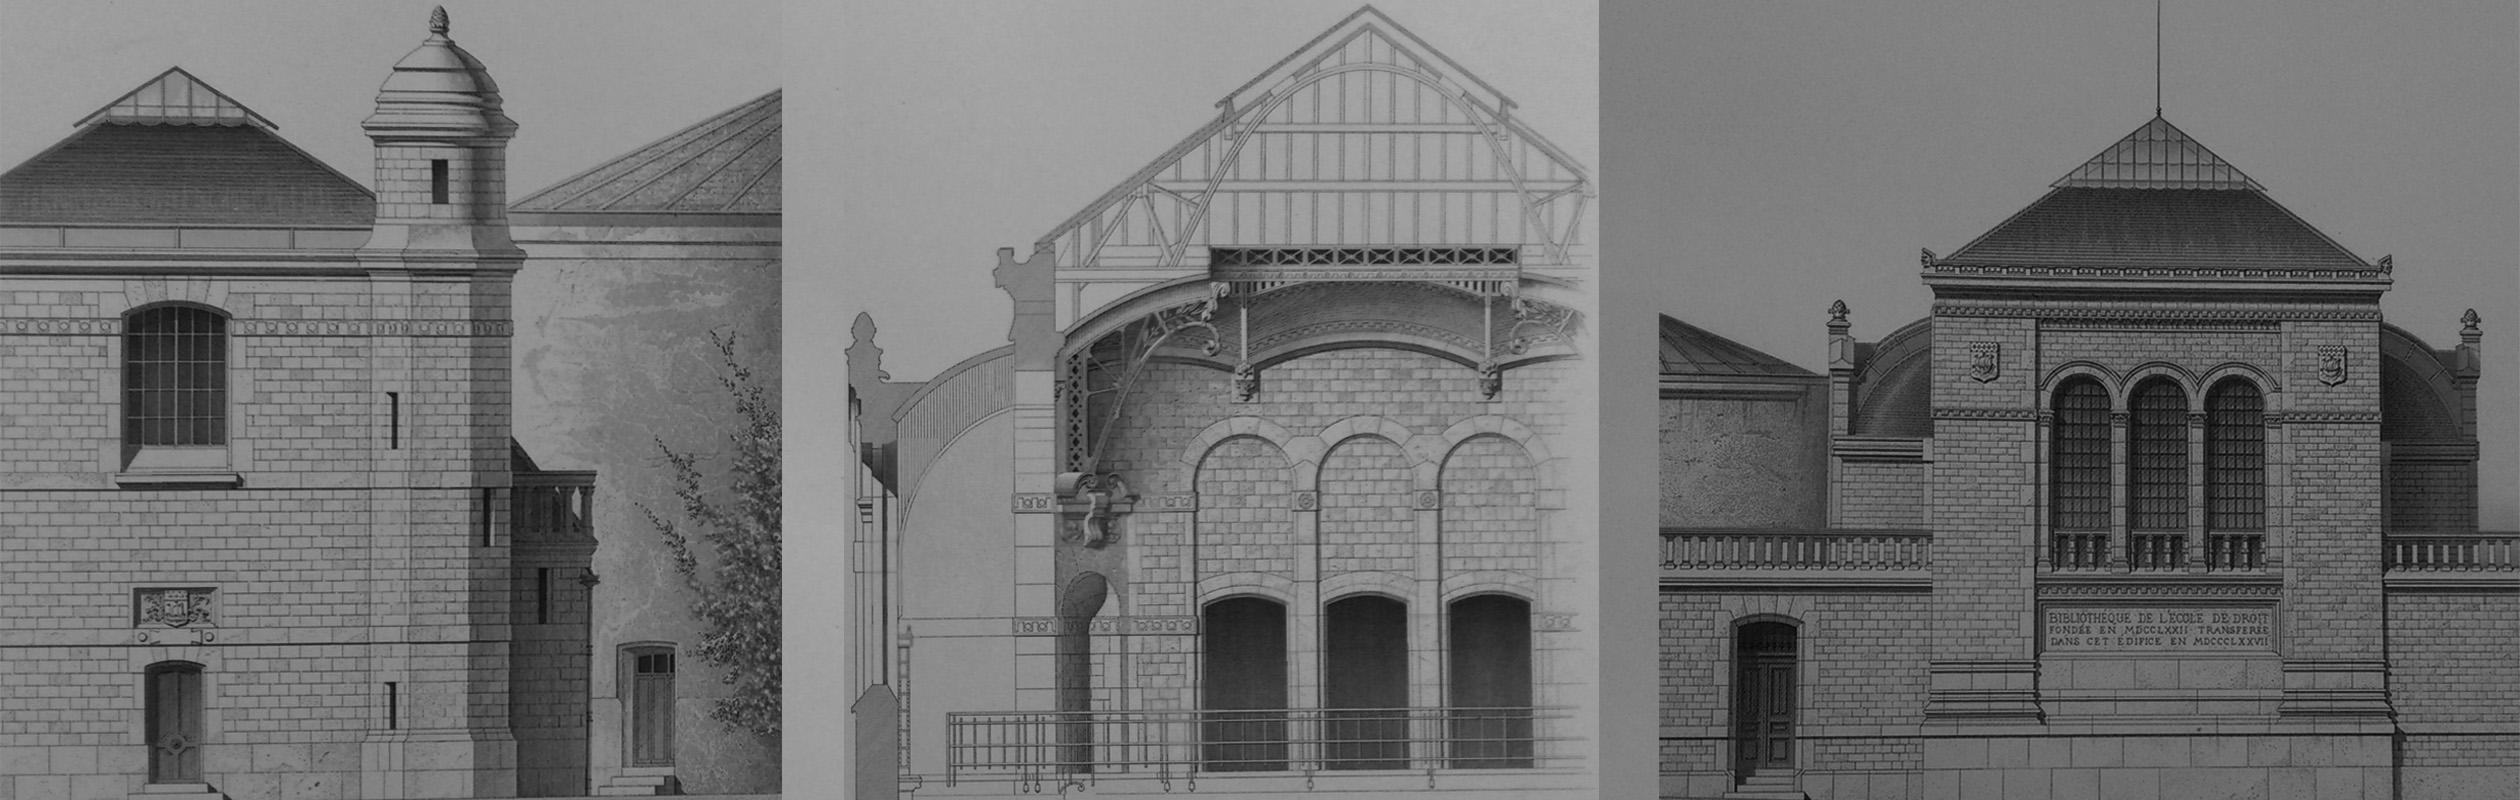 Un monument disparu du patrimoine universitaire parisien : la bibliothèque de la Faculté de droit